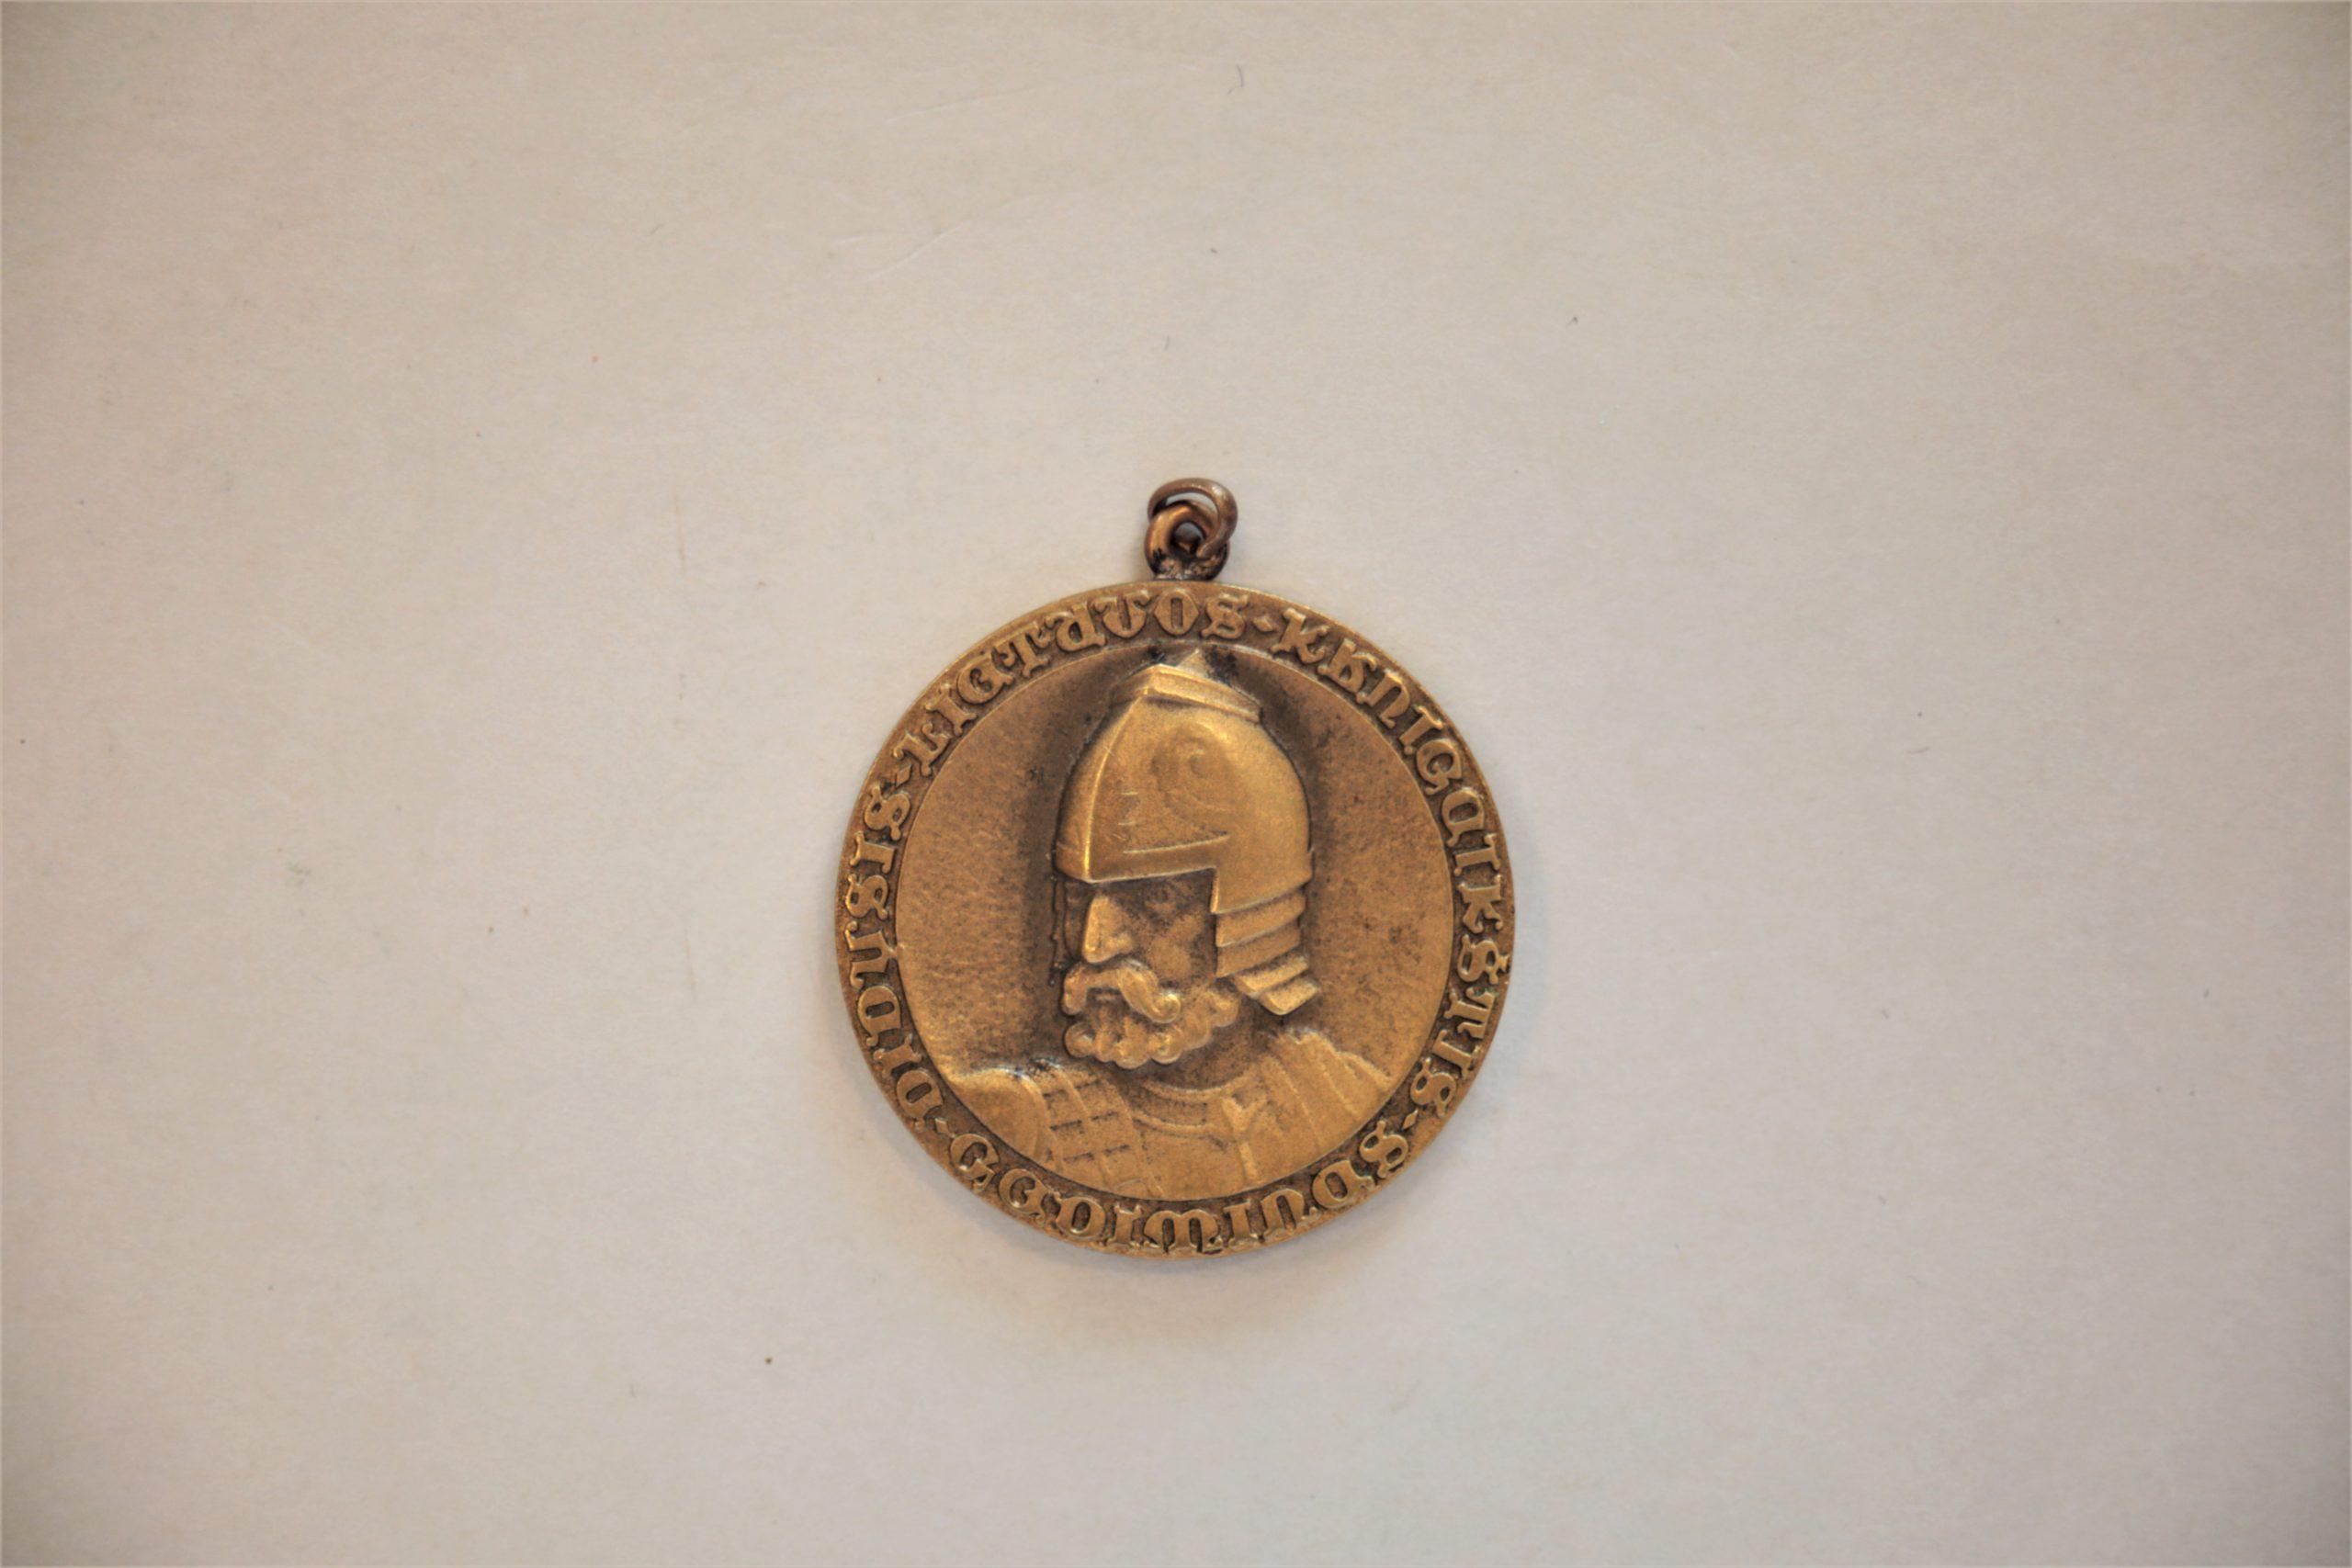 Medalis. Didysis Lietuvos kunigaikštis Gediminas. Metalas. Aversas. Autorius nežinomas